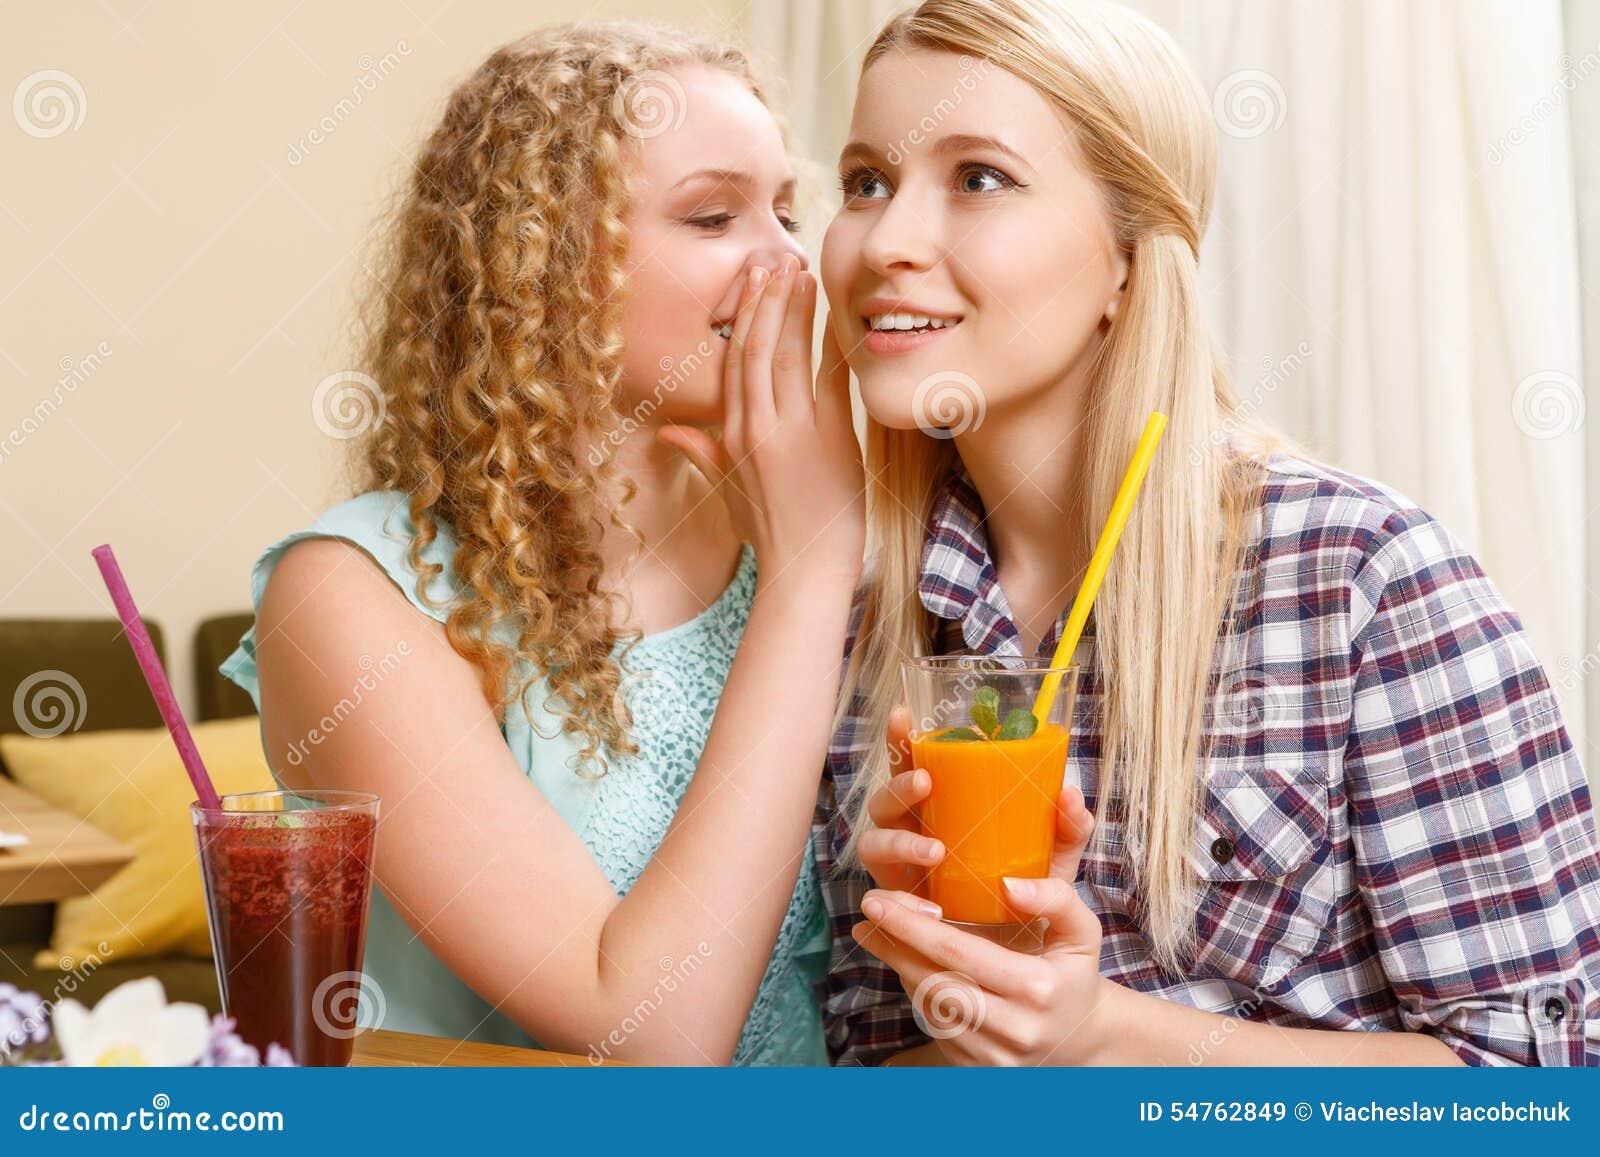 Μυστικά αφήγησης κοριτσιών στο φίλο της στον καφέ